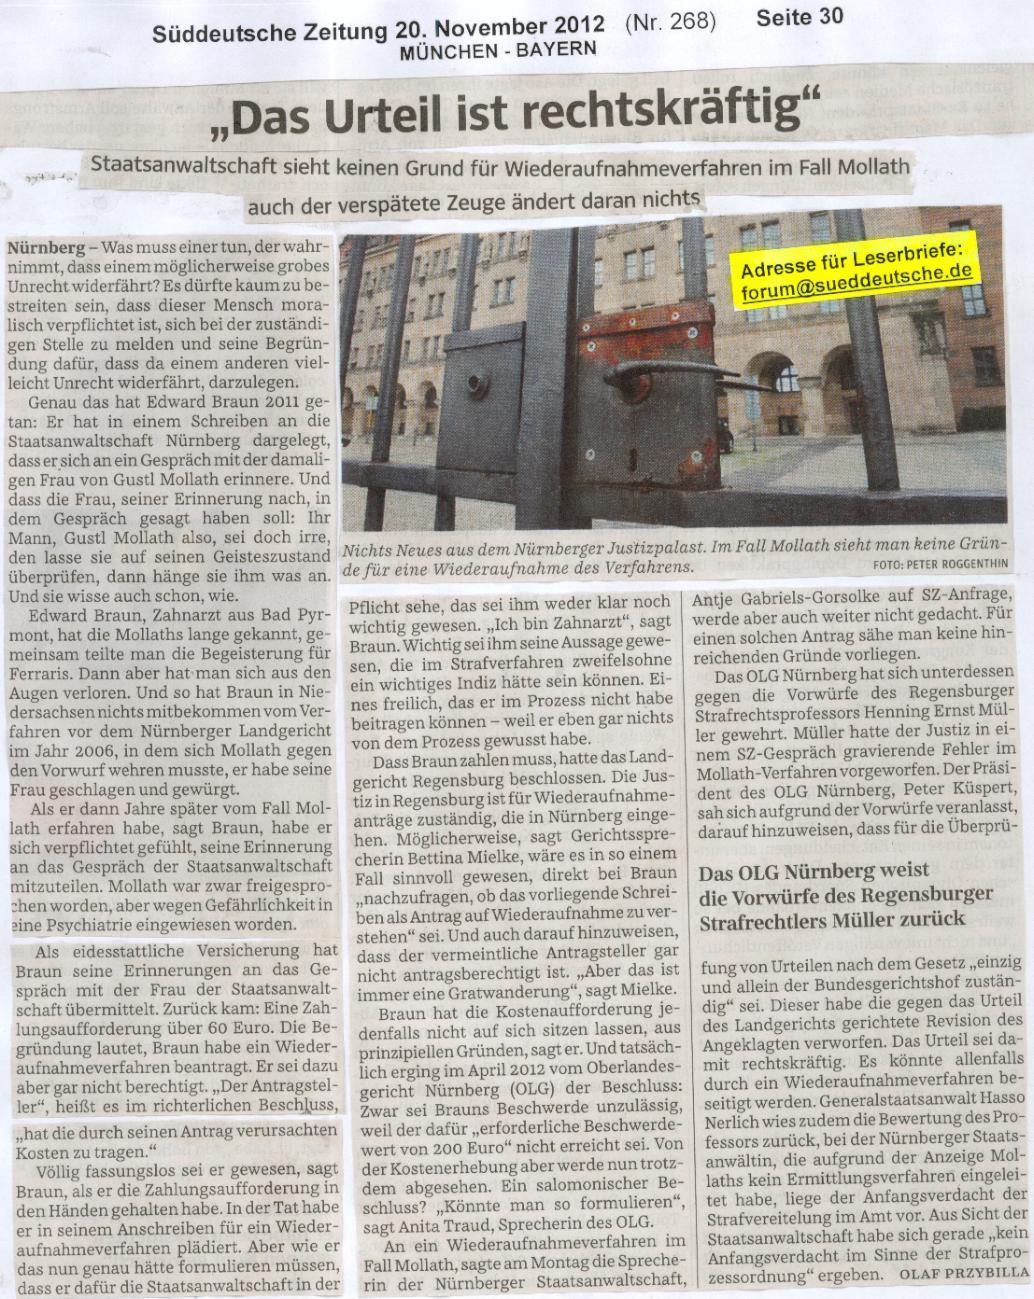 SüddeutscheZeitung 'Das Urteil ist rechtskräftig'  (Di20.11.2012- S.30).jpg